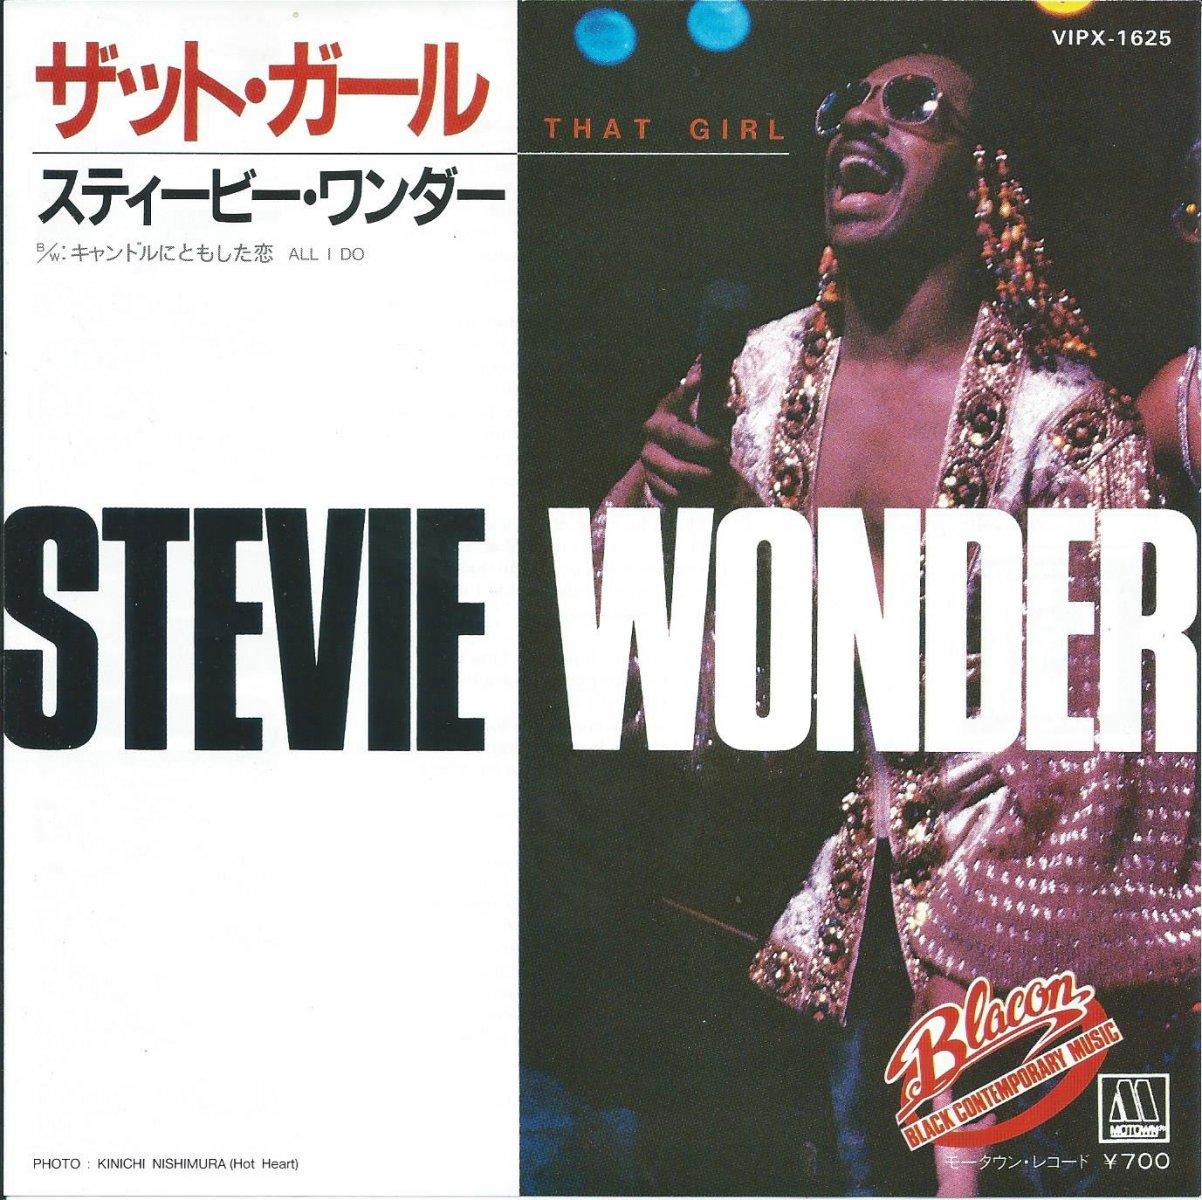 スティービー・ワンダー STEVIE WONDER / ザット・ガール THAT GIRL (7